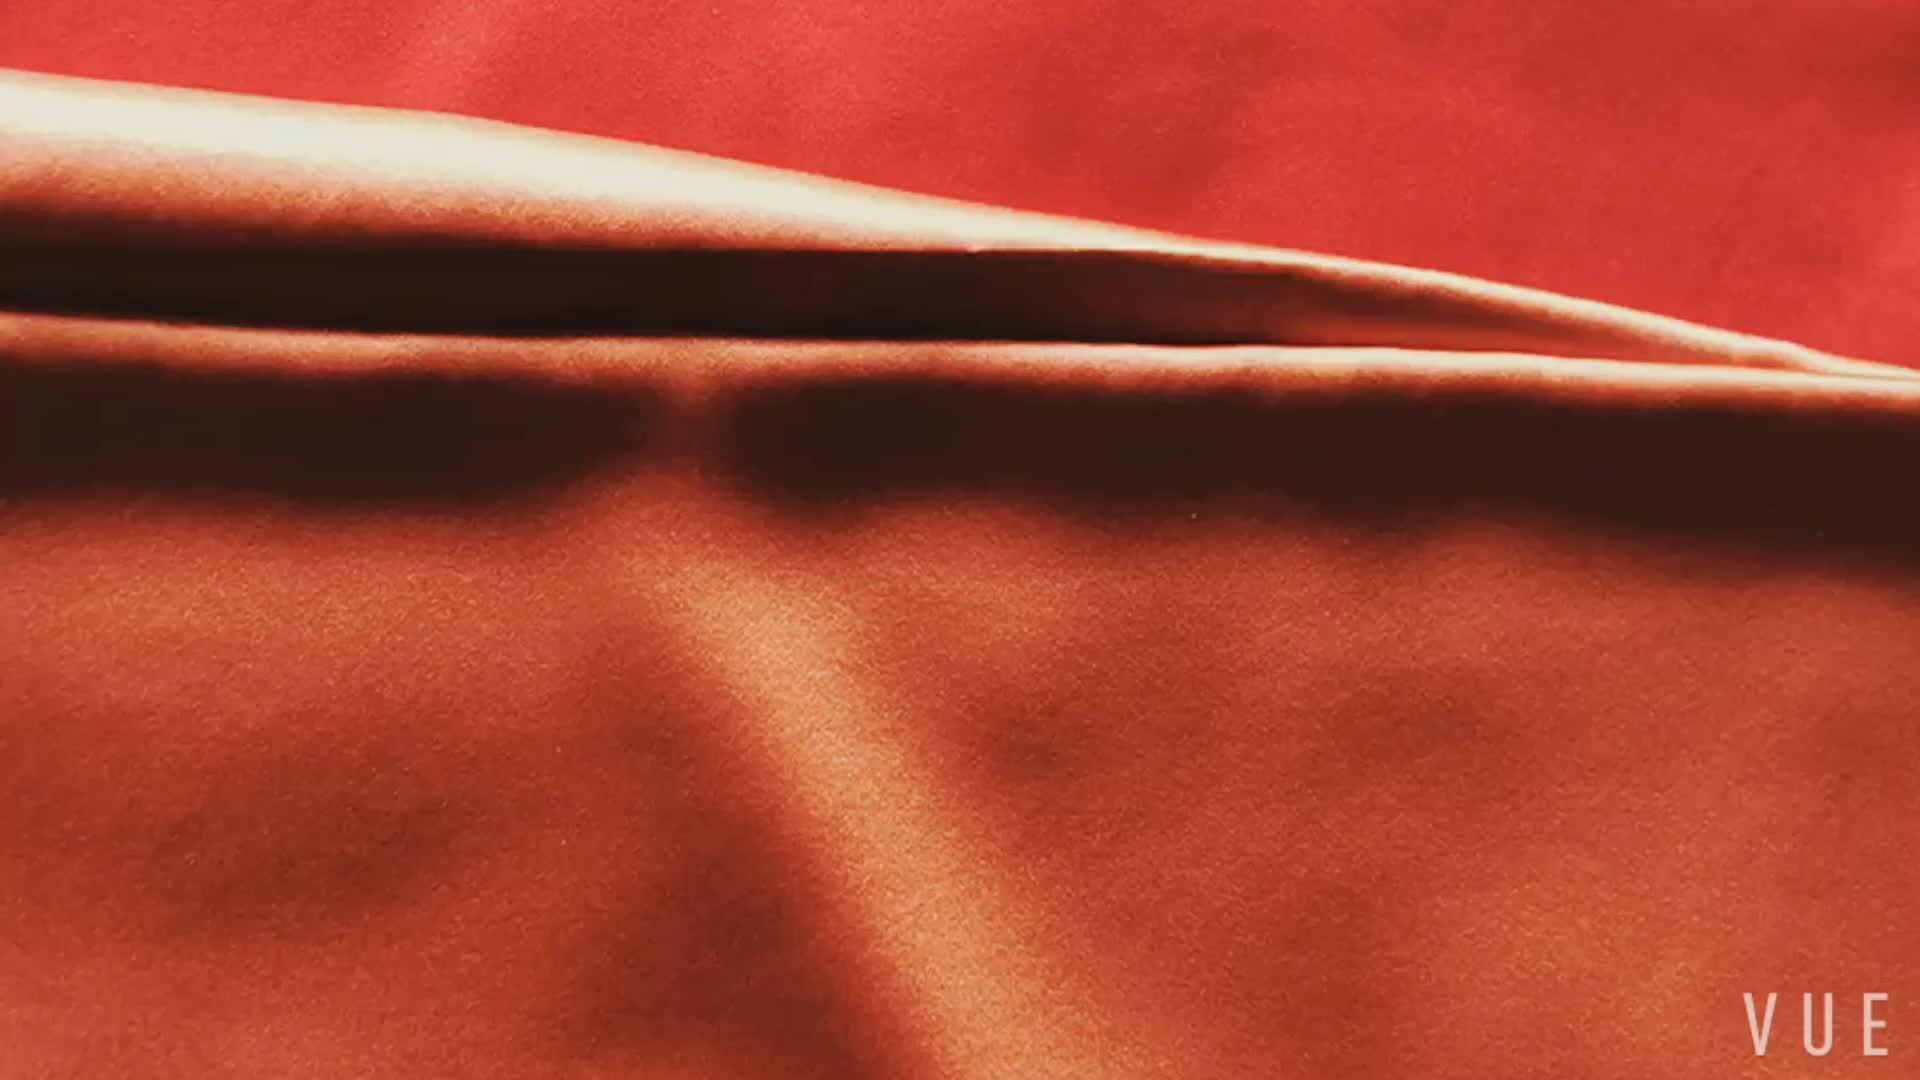 ファッショナブルなとセクシーなサテンシルク生地スパンデックス高品質新河テキスタイル